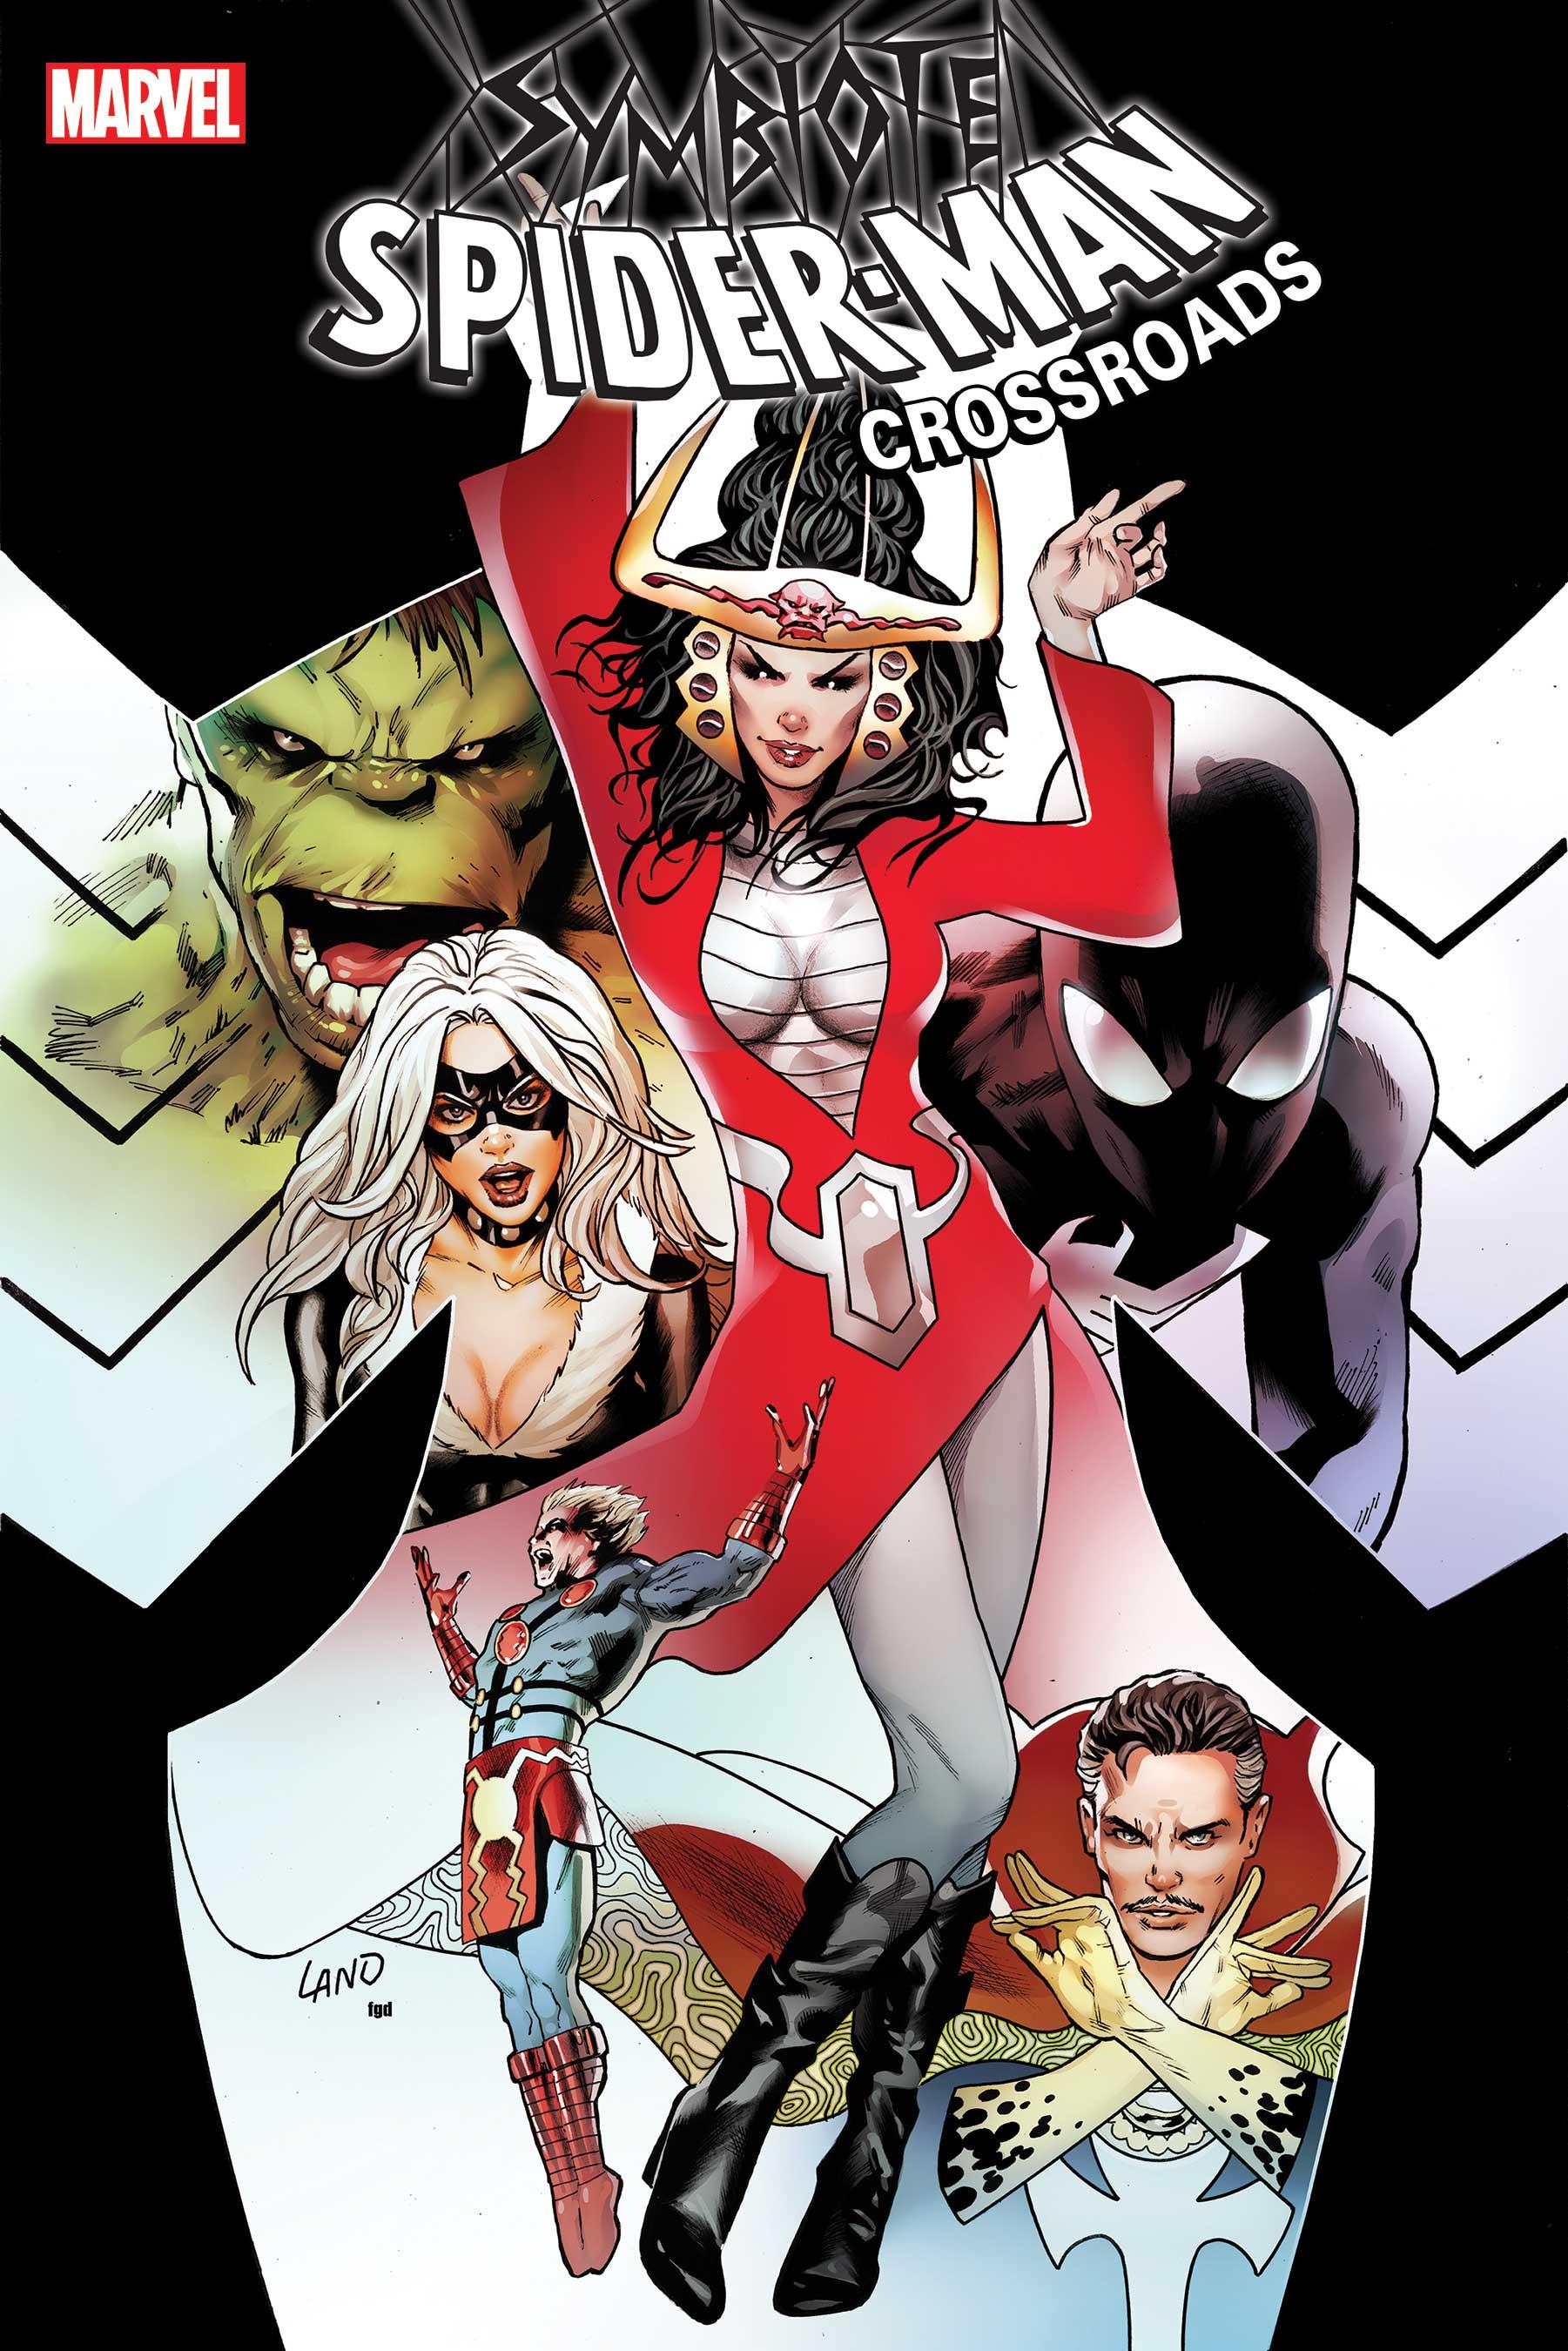 Symbiote Spider-Man: Crossroads (2021) #5